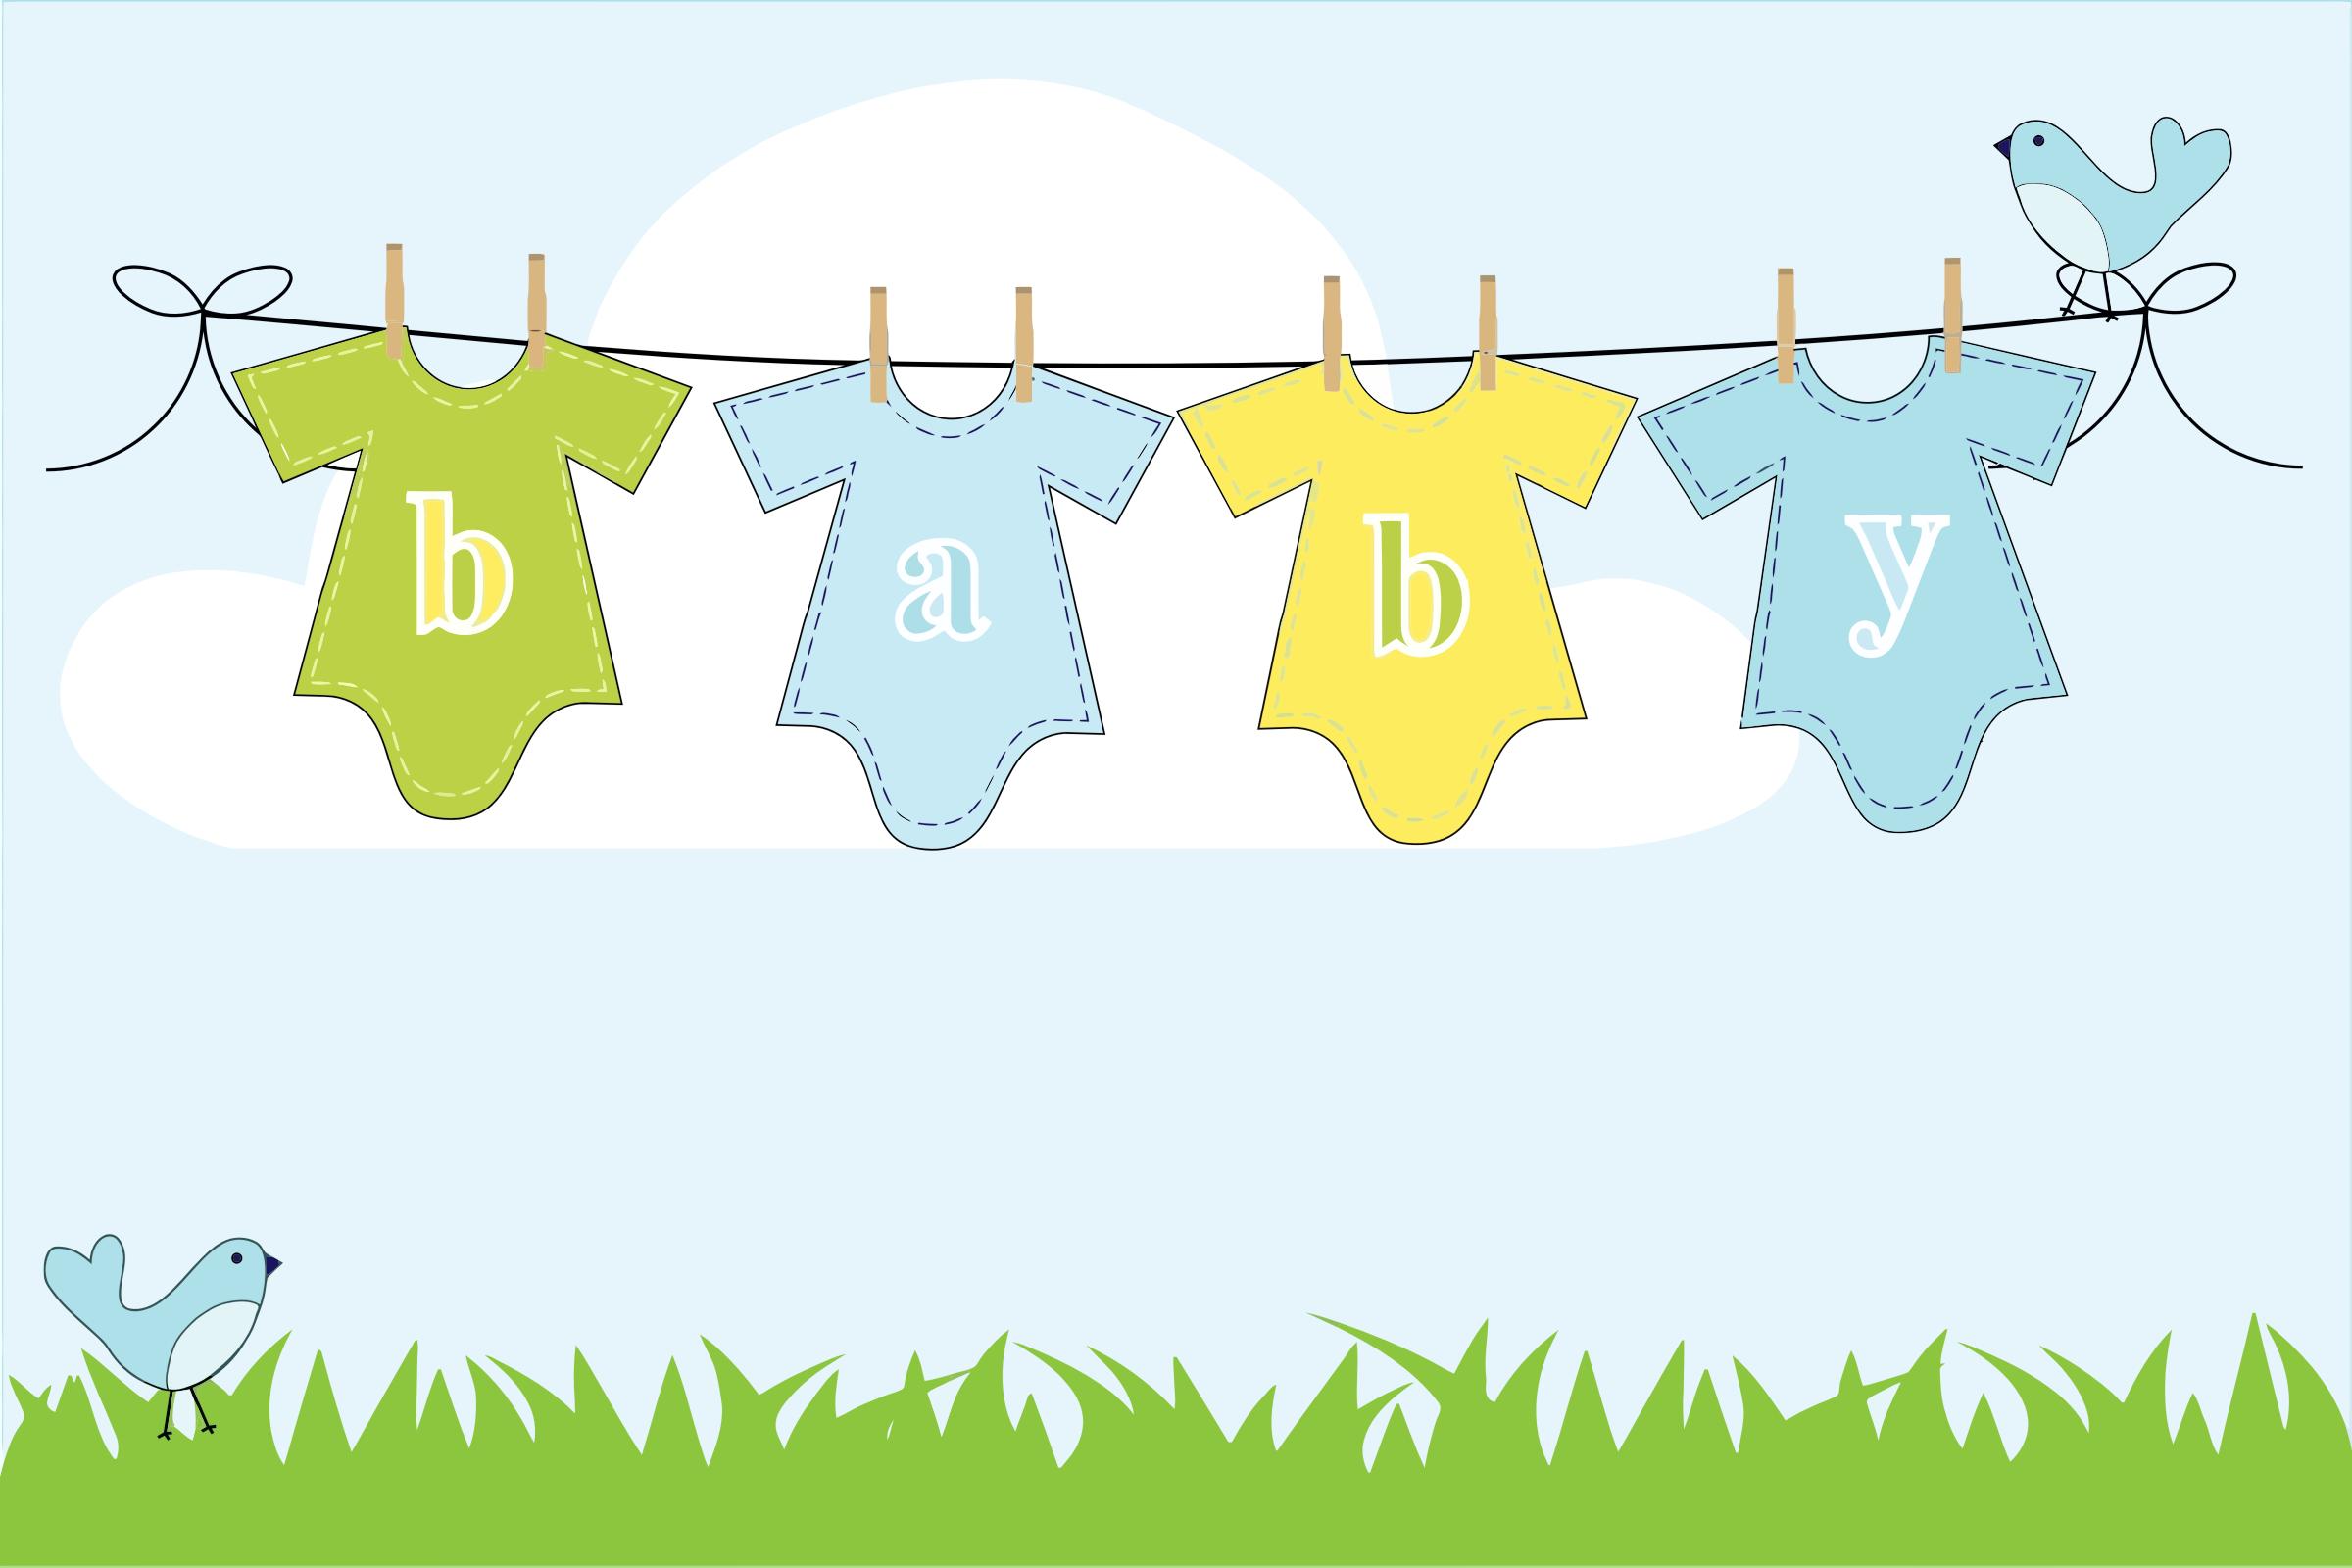 Baby clothes clipart clothes line transparent download Free Clothesline Cliparts, Download Free Clip Art, Free Clip Art on ... transparent download